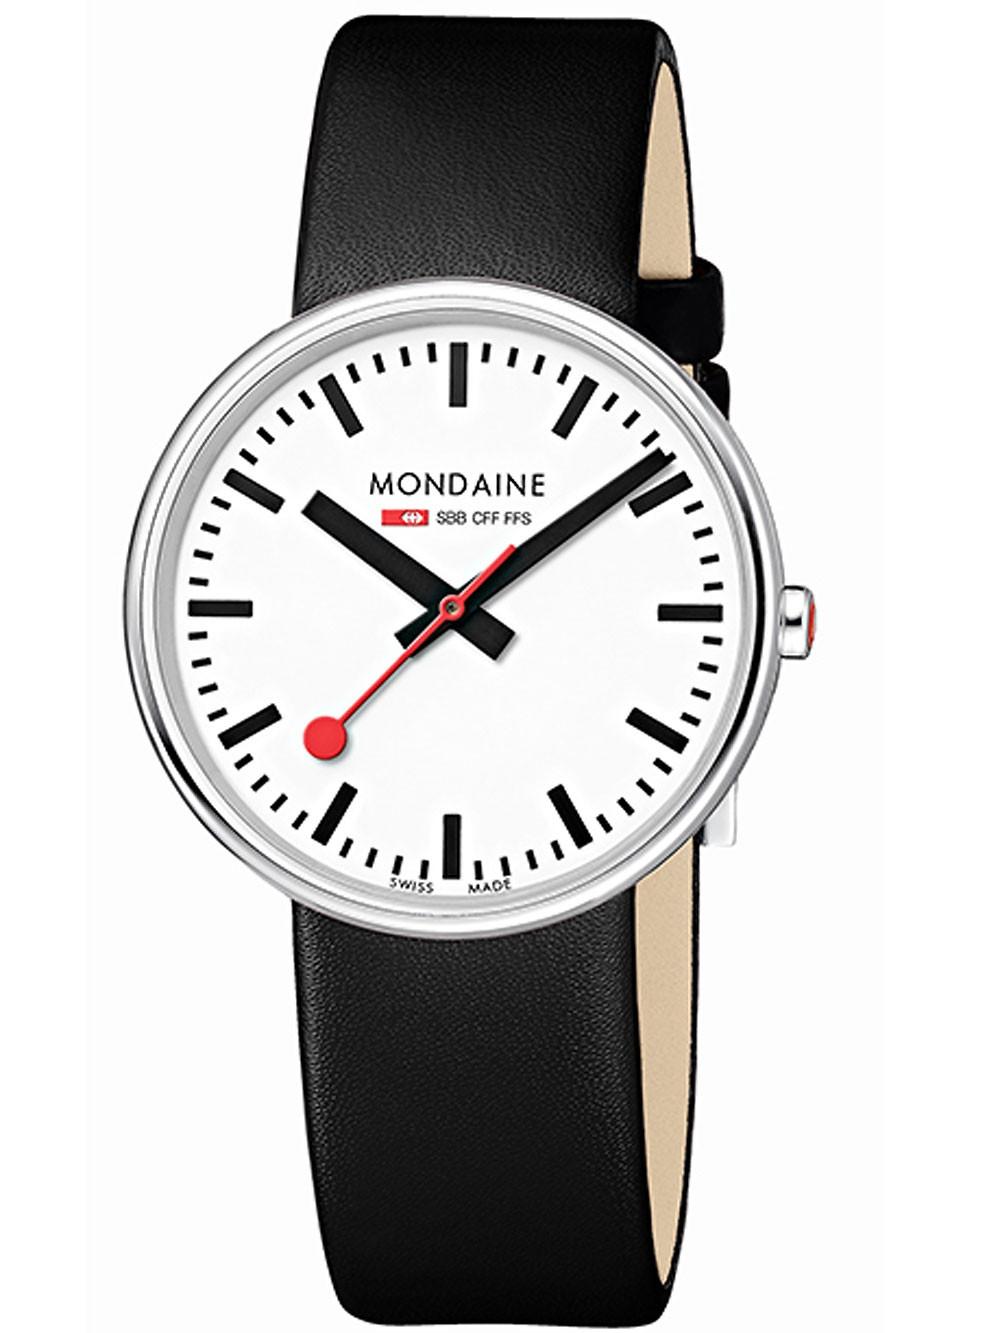 Ceas de dama Mondaine A763.30362.11SBB Evo 35mm 3ATM